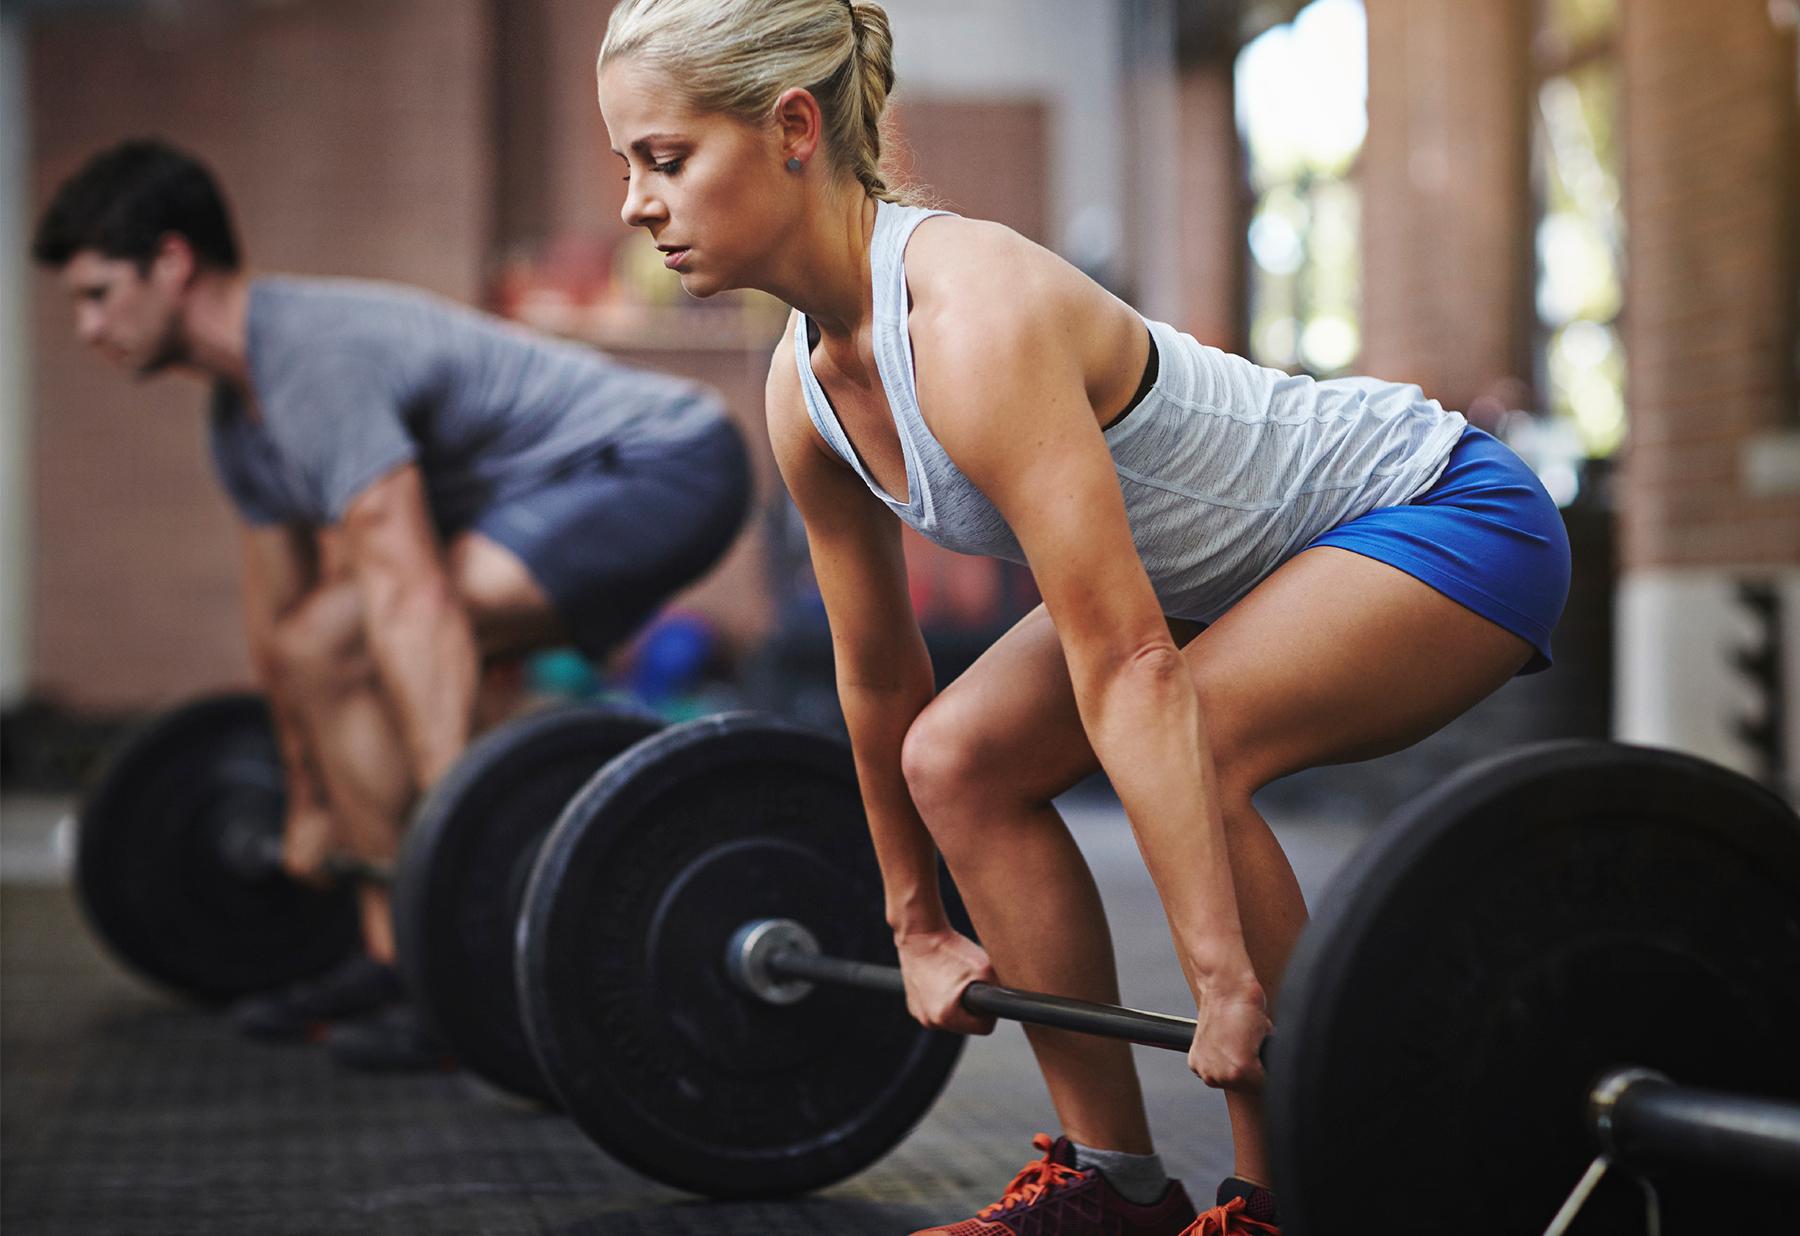 strength training | healthclubs.com.au